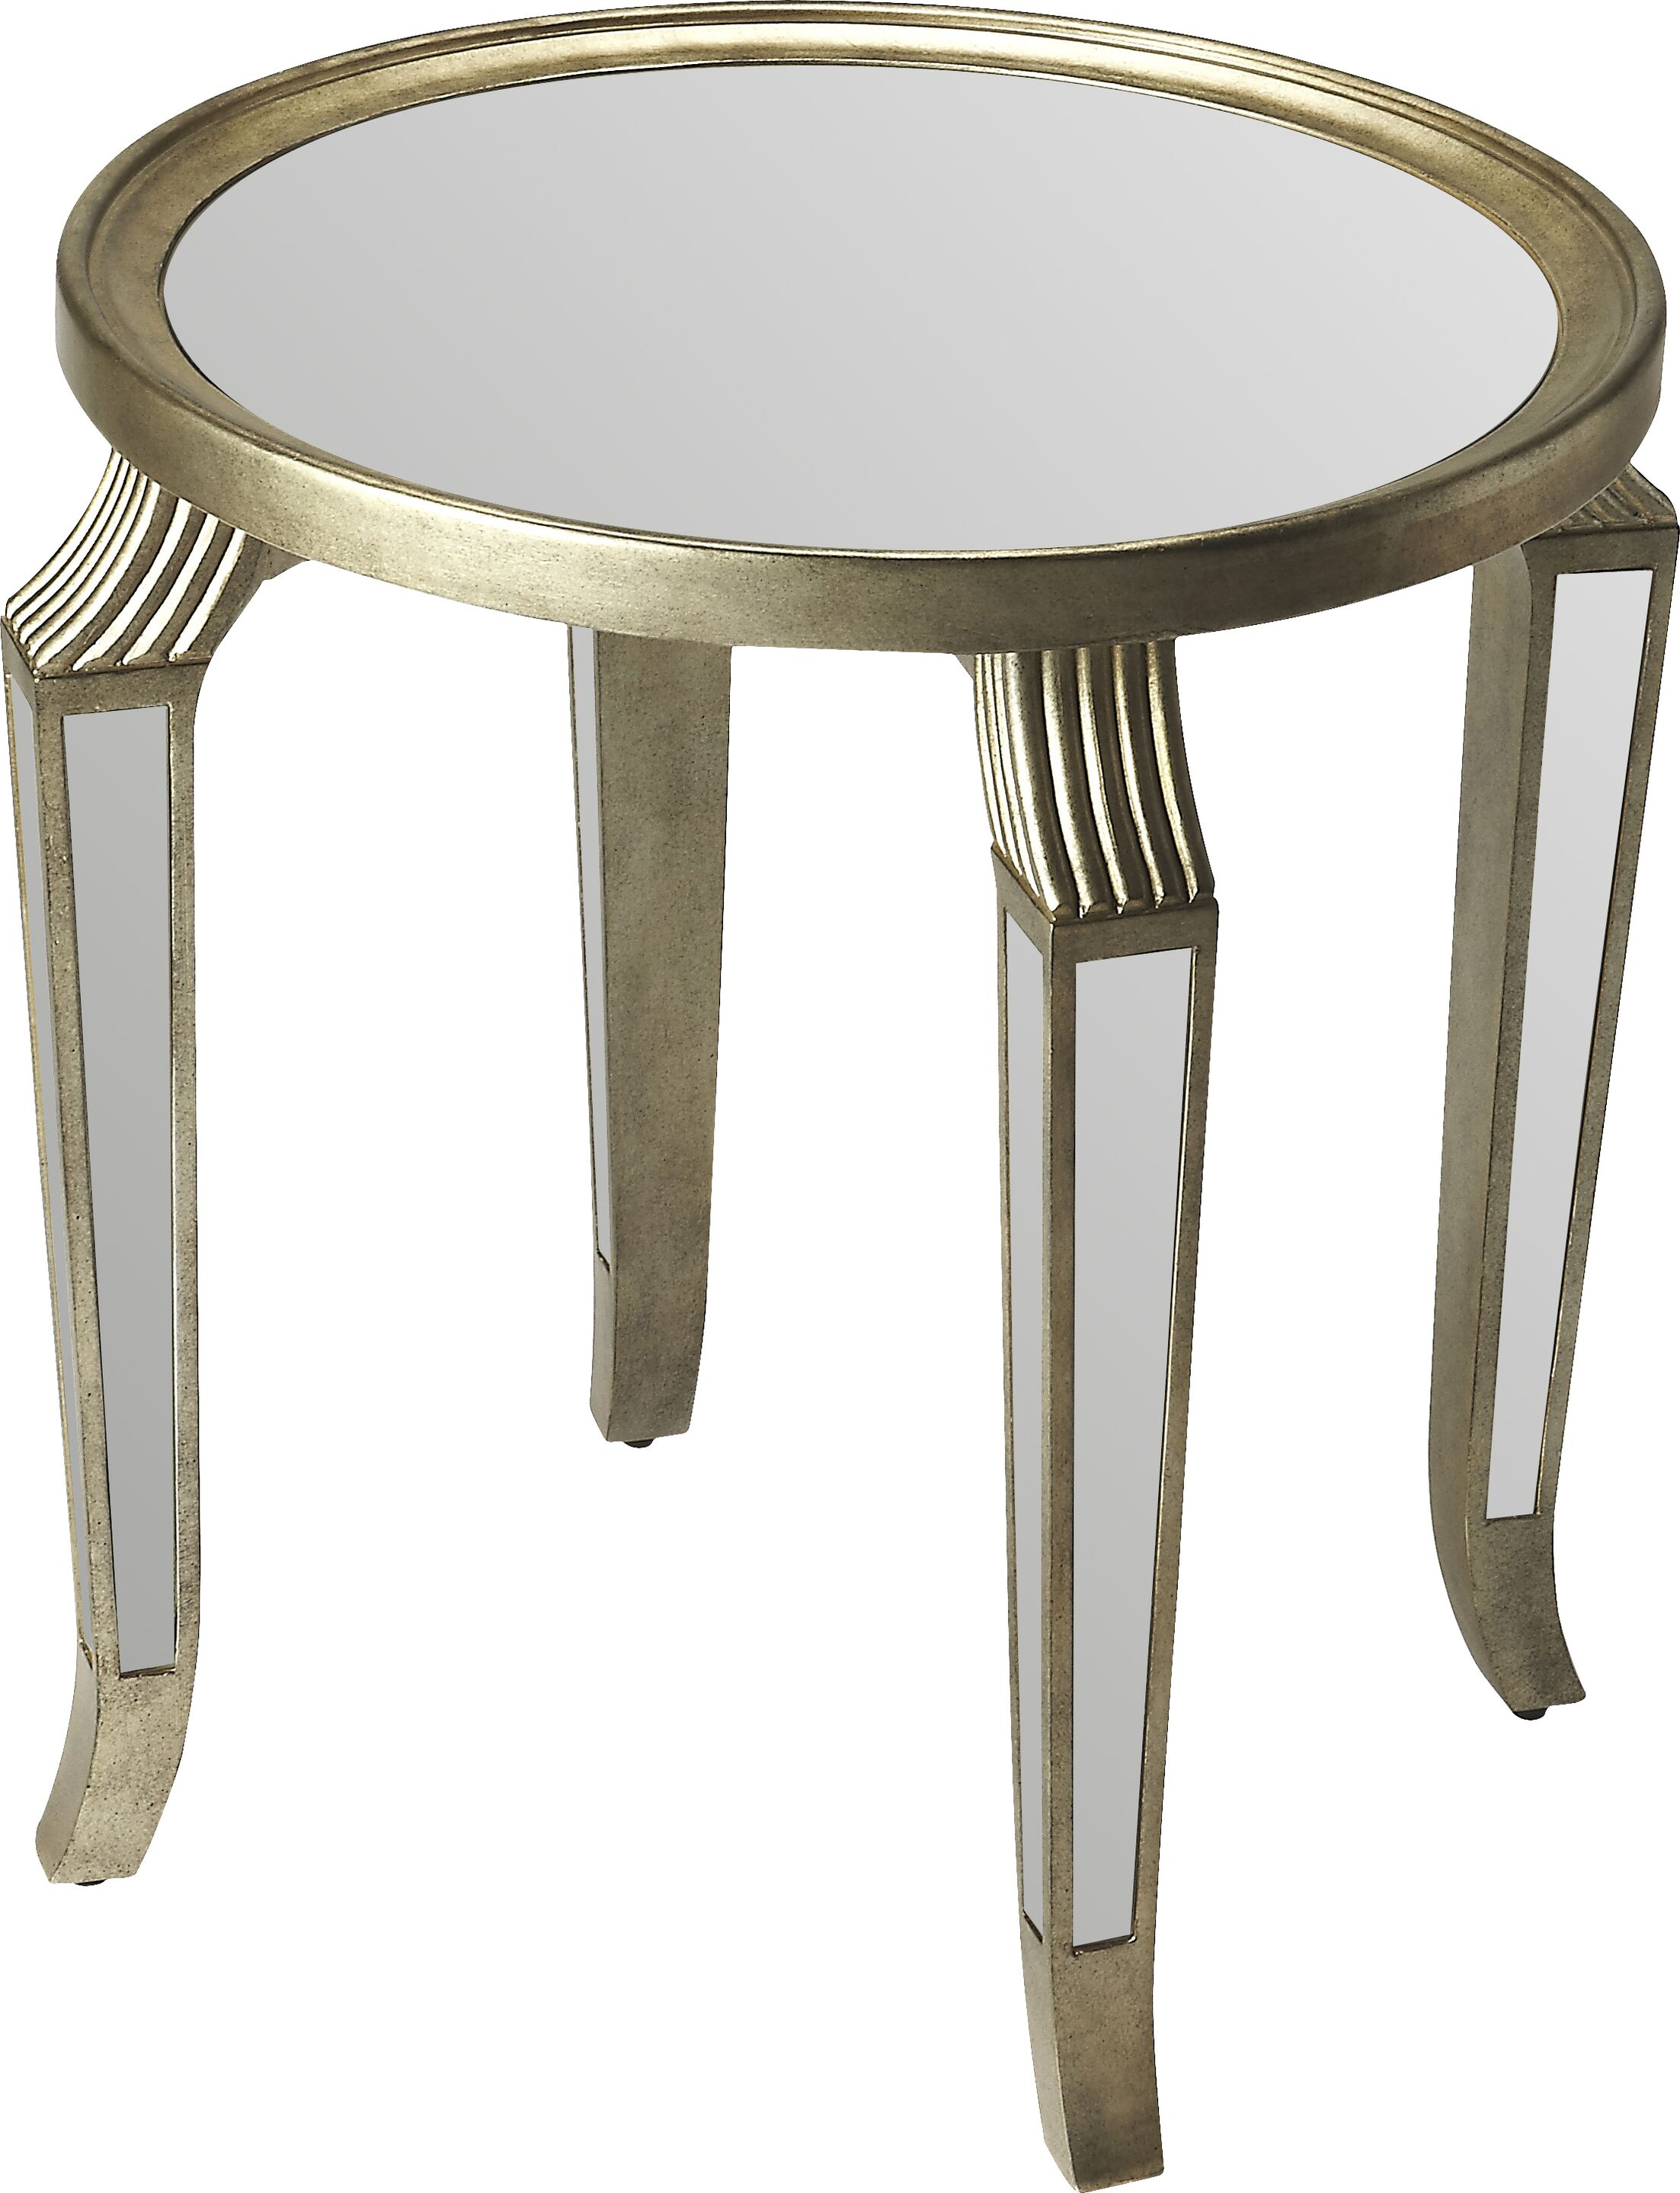 Schanz End Table